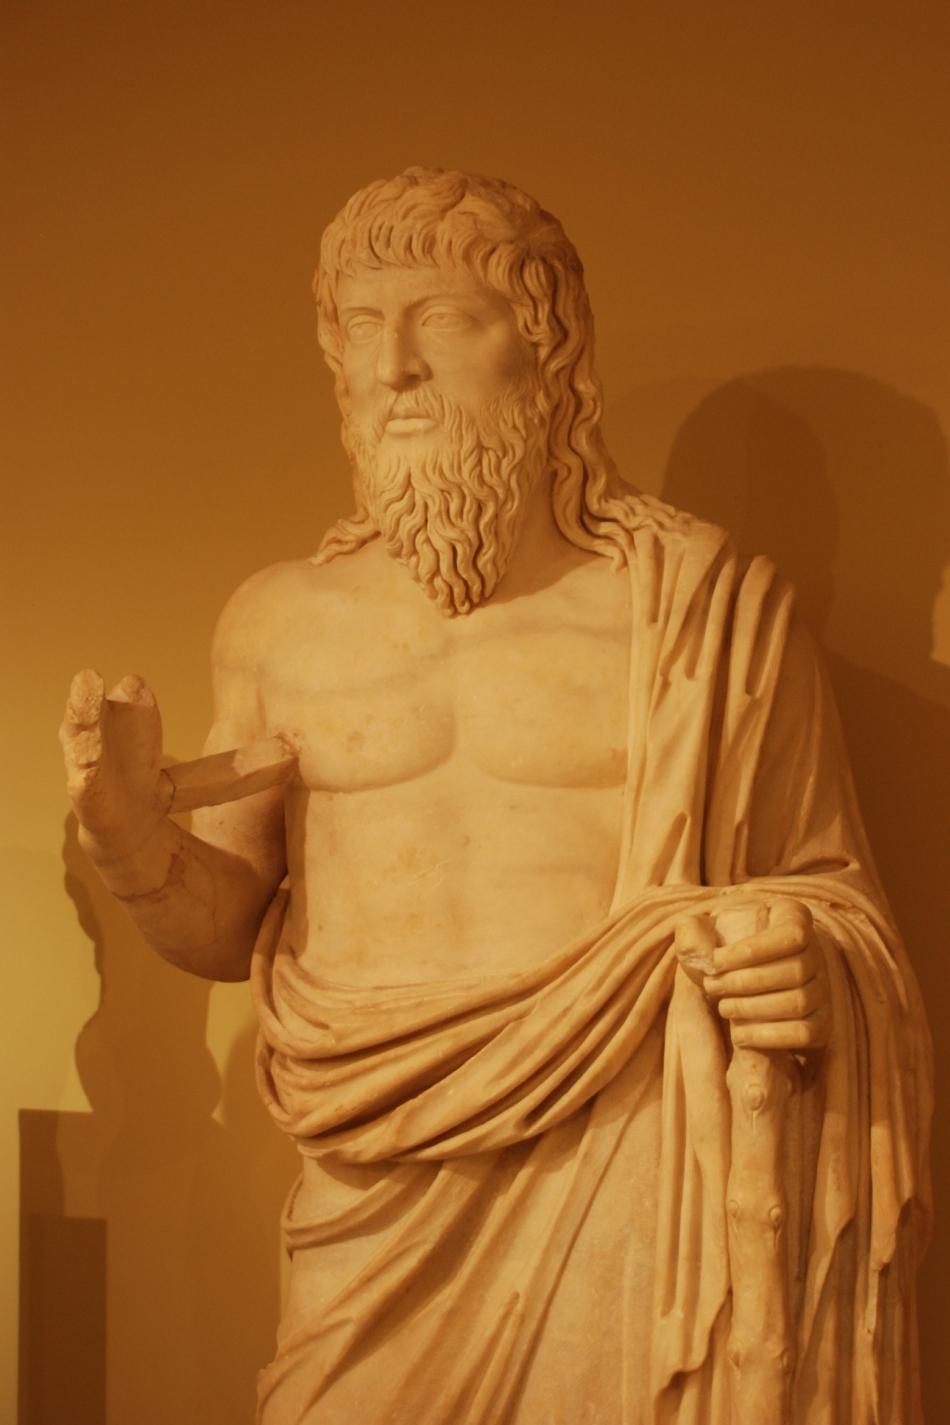 Sculptură antică ce îl reprezintă pe Apollonius din Tyana